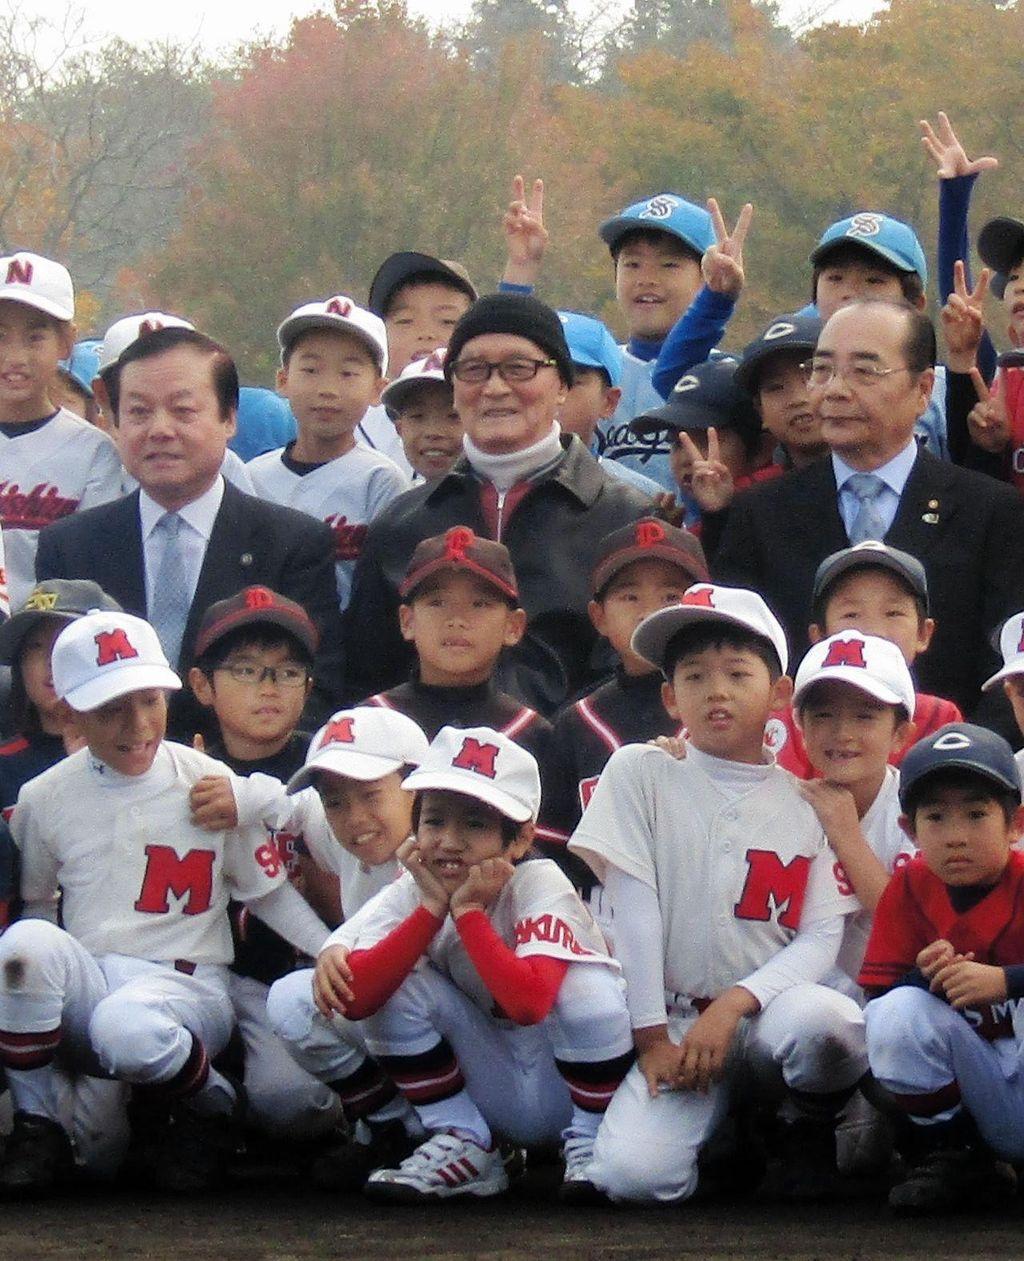 【野球】長嶋茂雄「日本の野球が弱くなる可能性がある。もっともっと野球を好きになって欲しい、野球そのものを盛り上げたい」